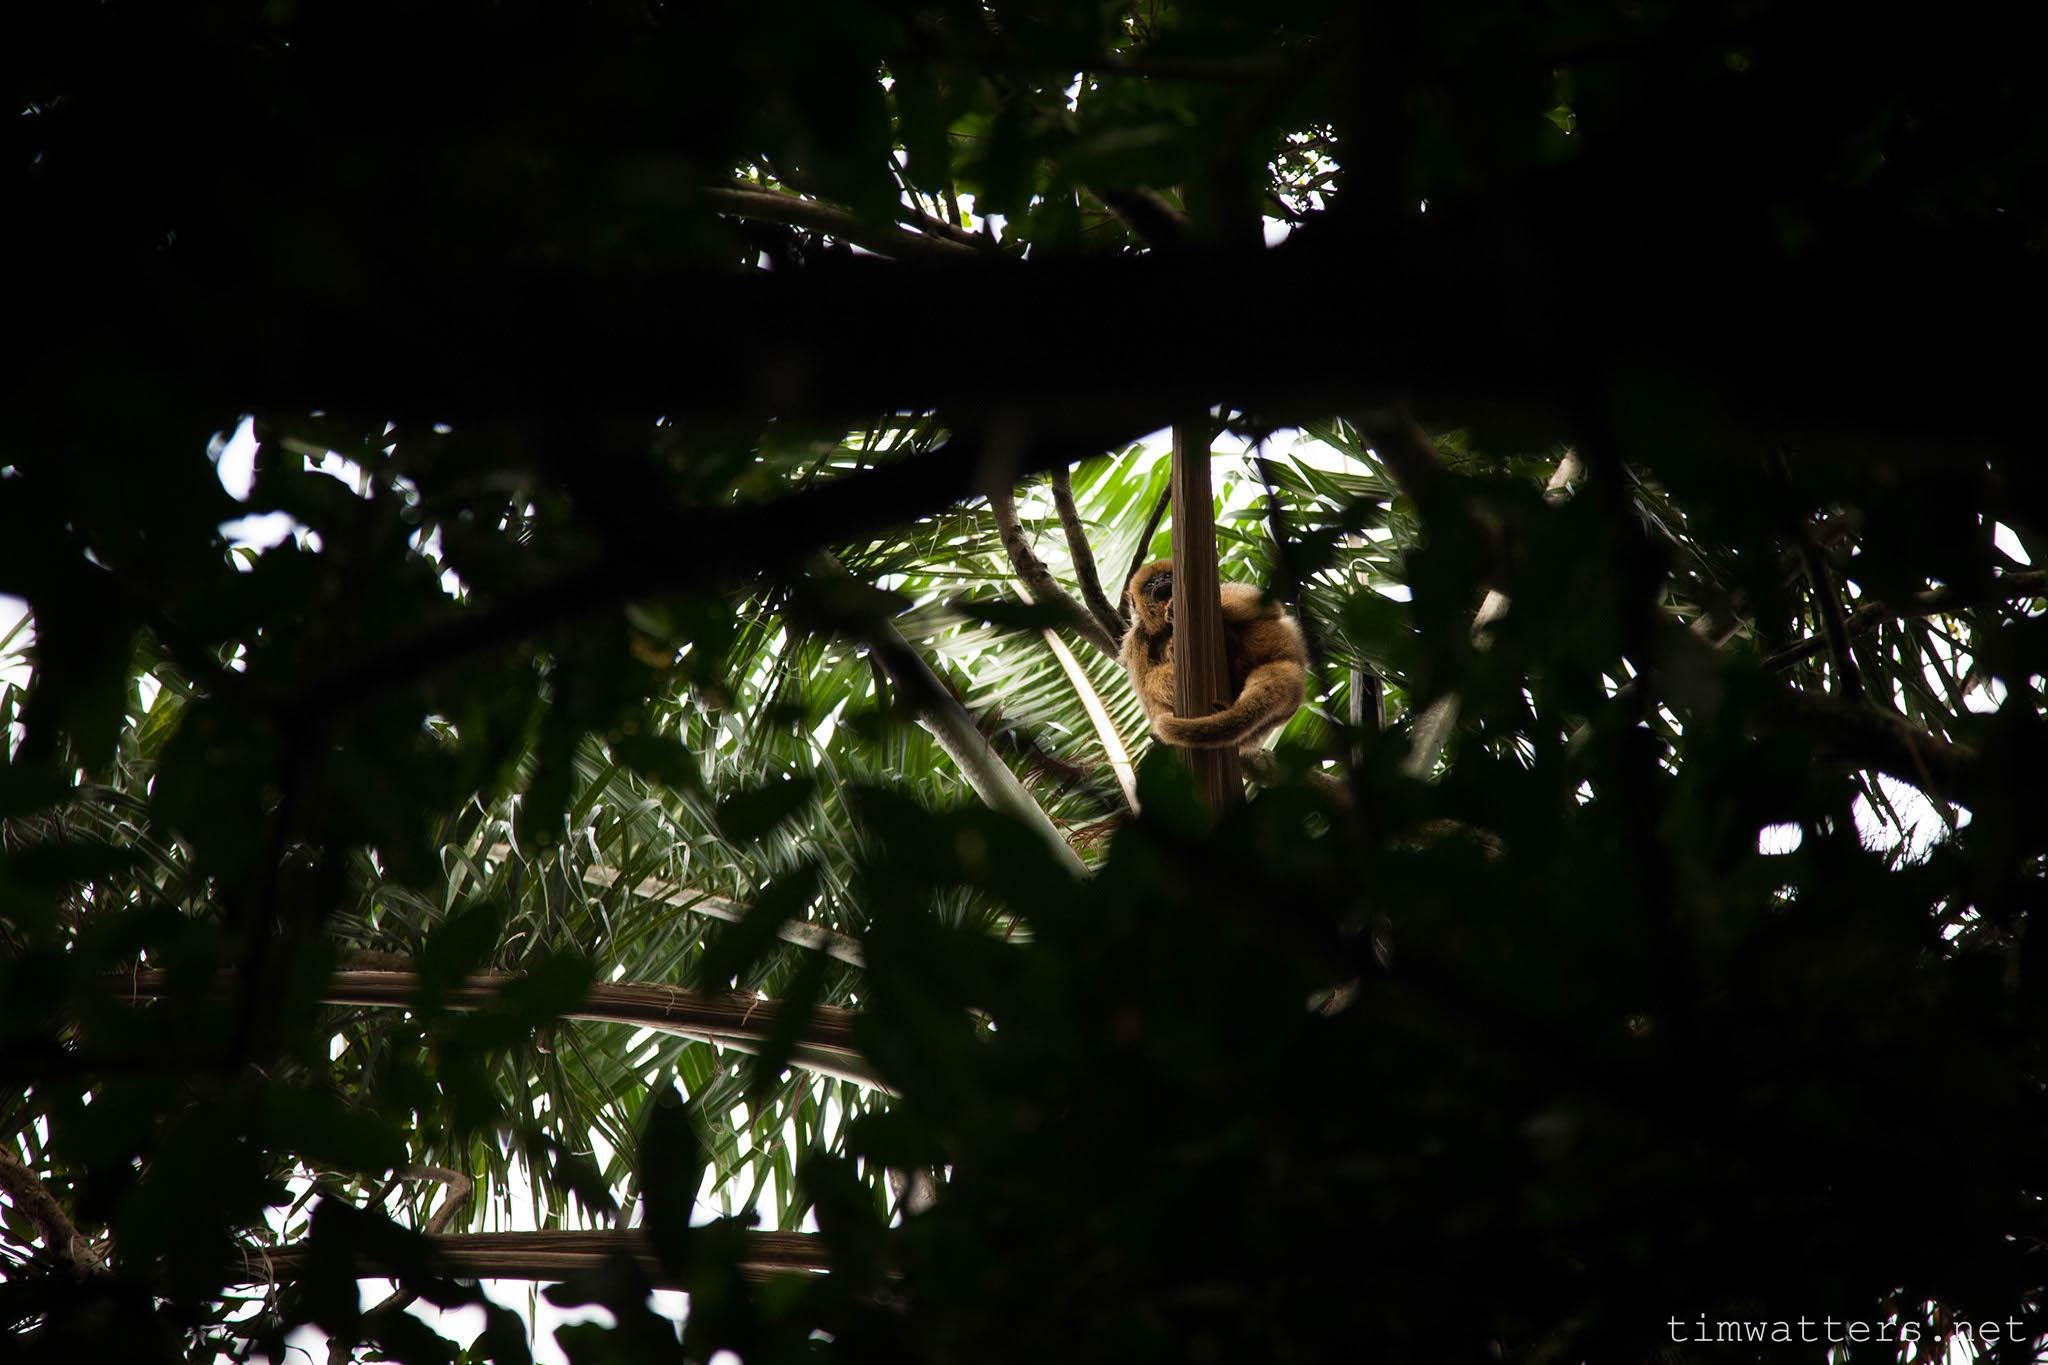 010-TimWatters-Ibera-Wildlife.jpg